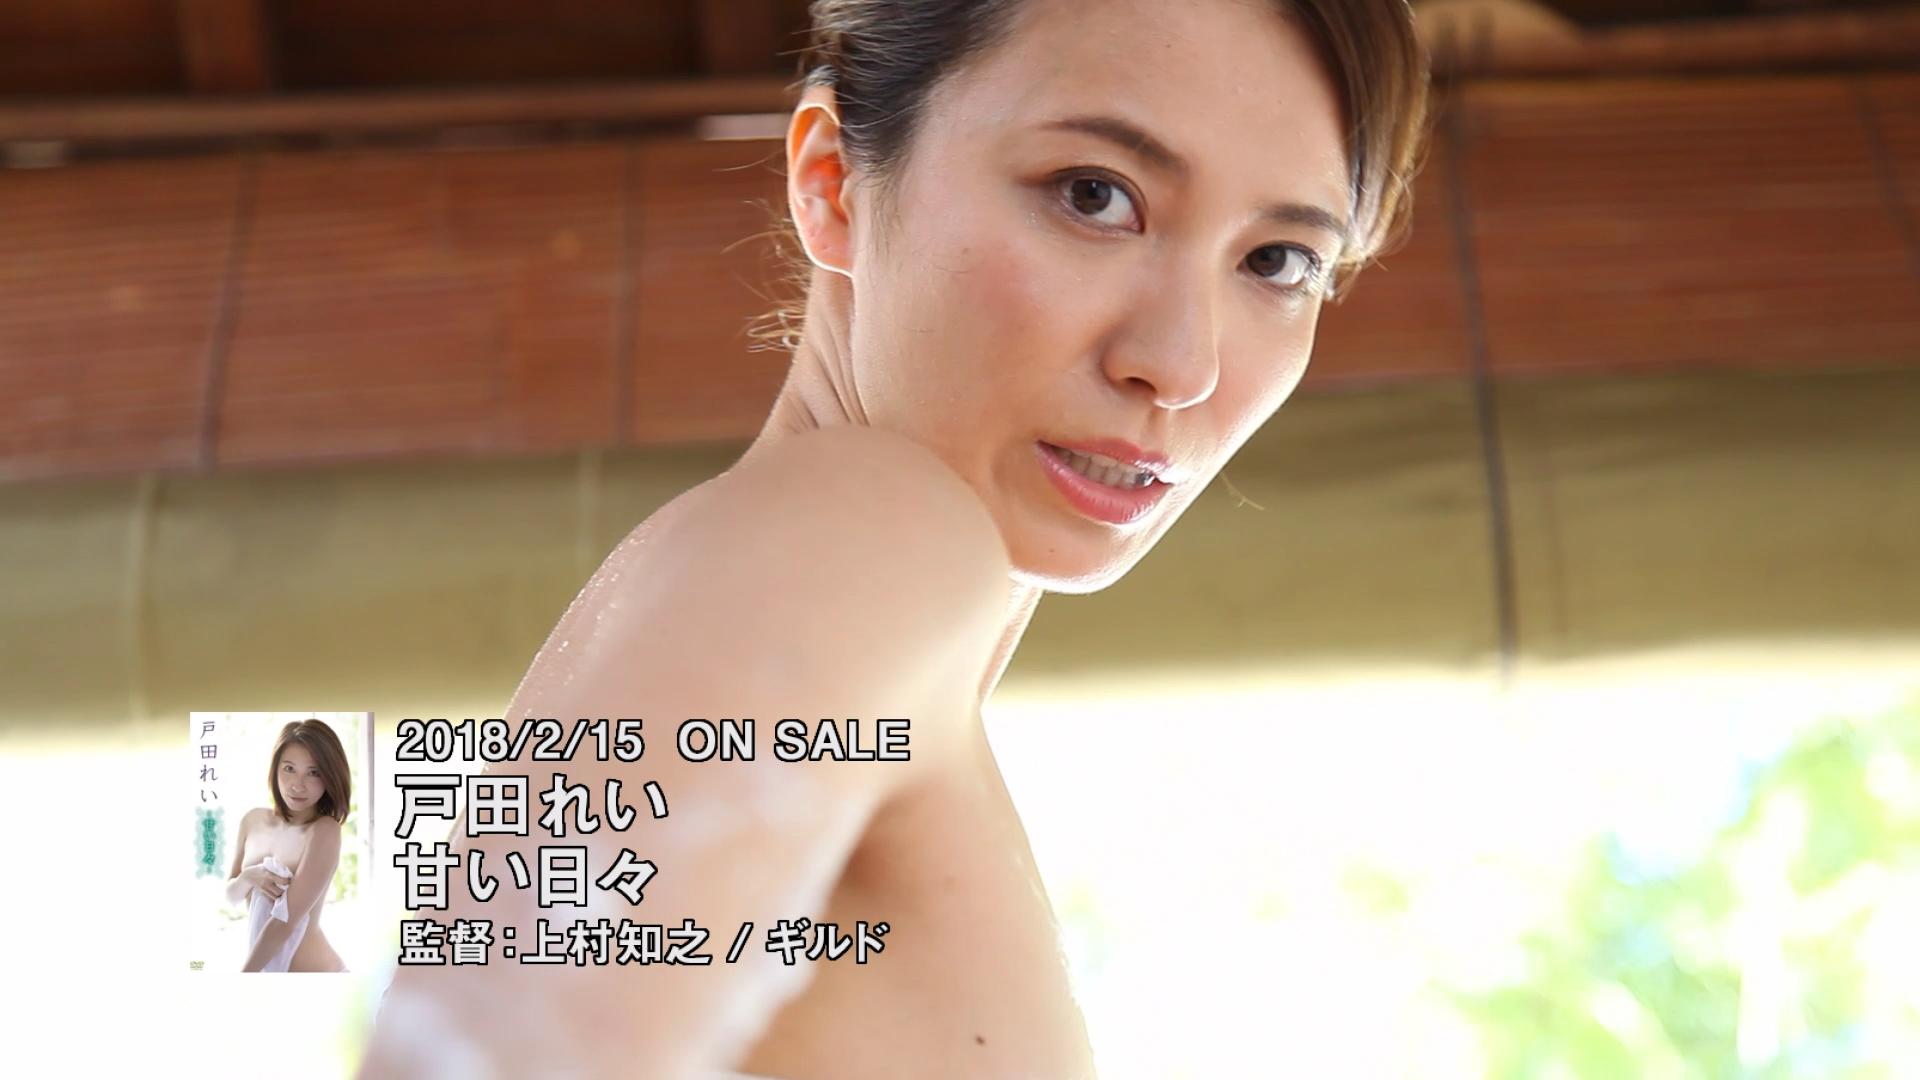 戸田れいのイメージDVDエロ画像029